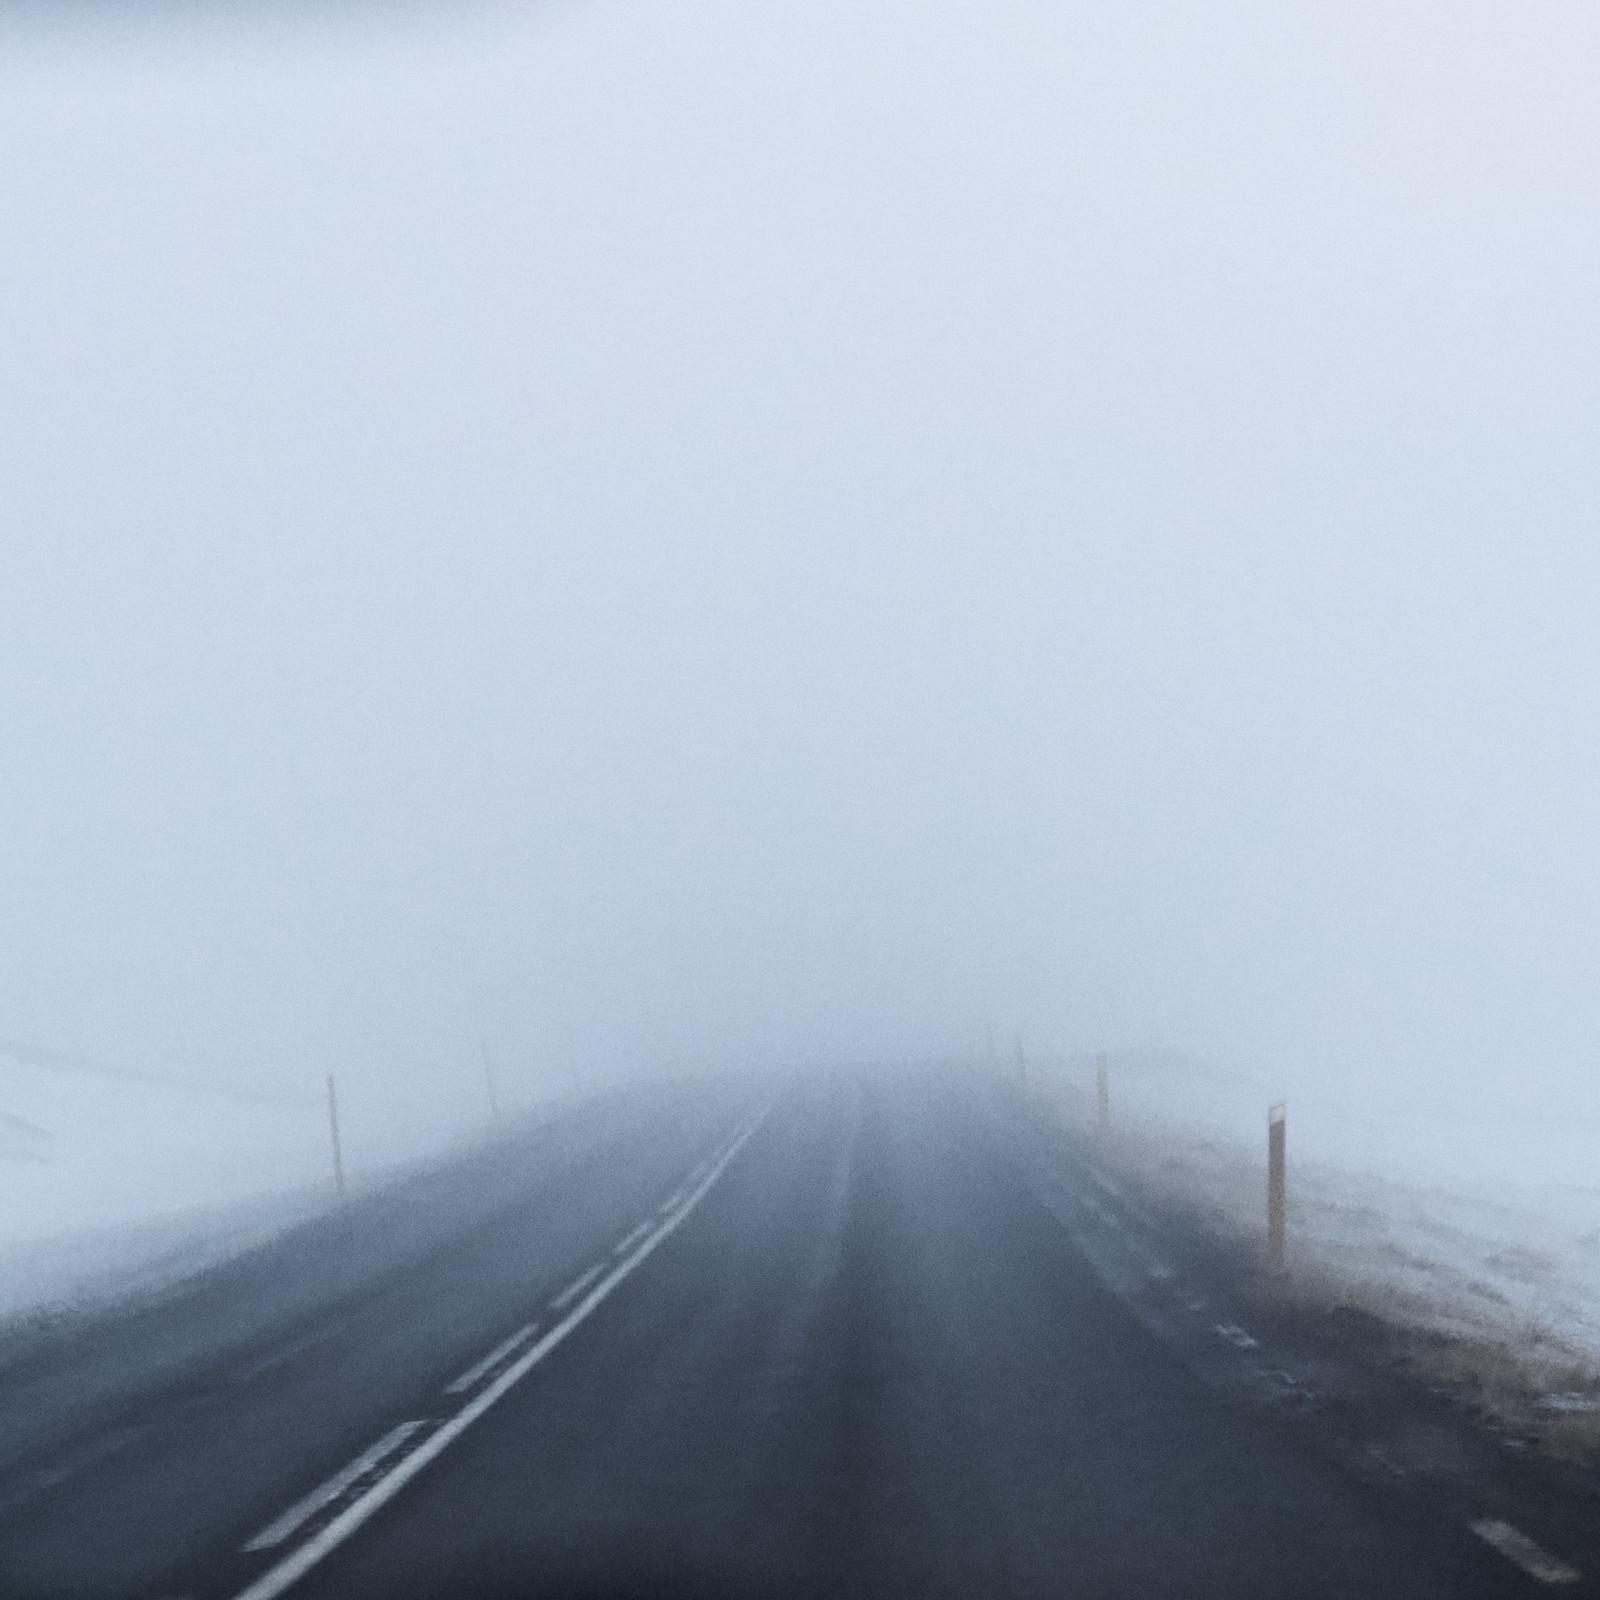 Iceland. In-between